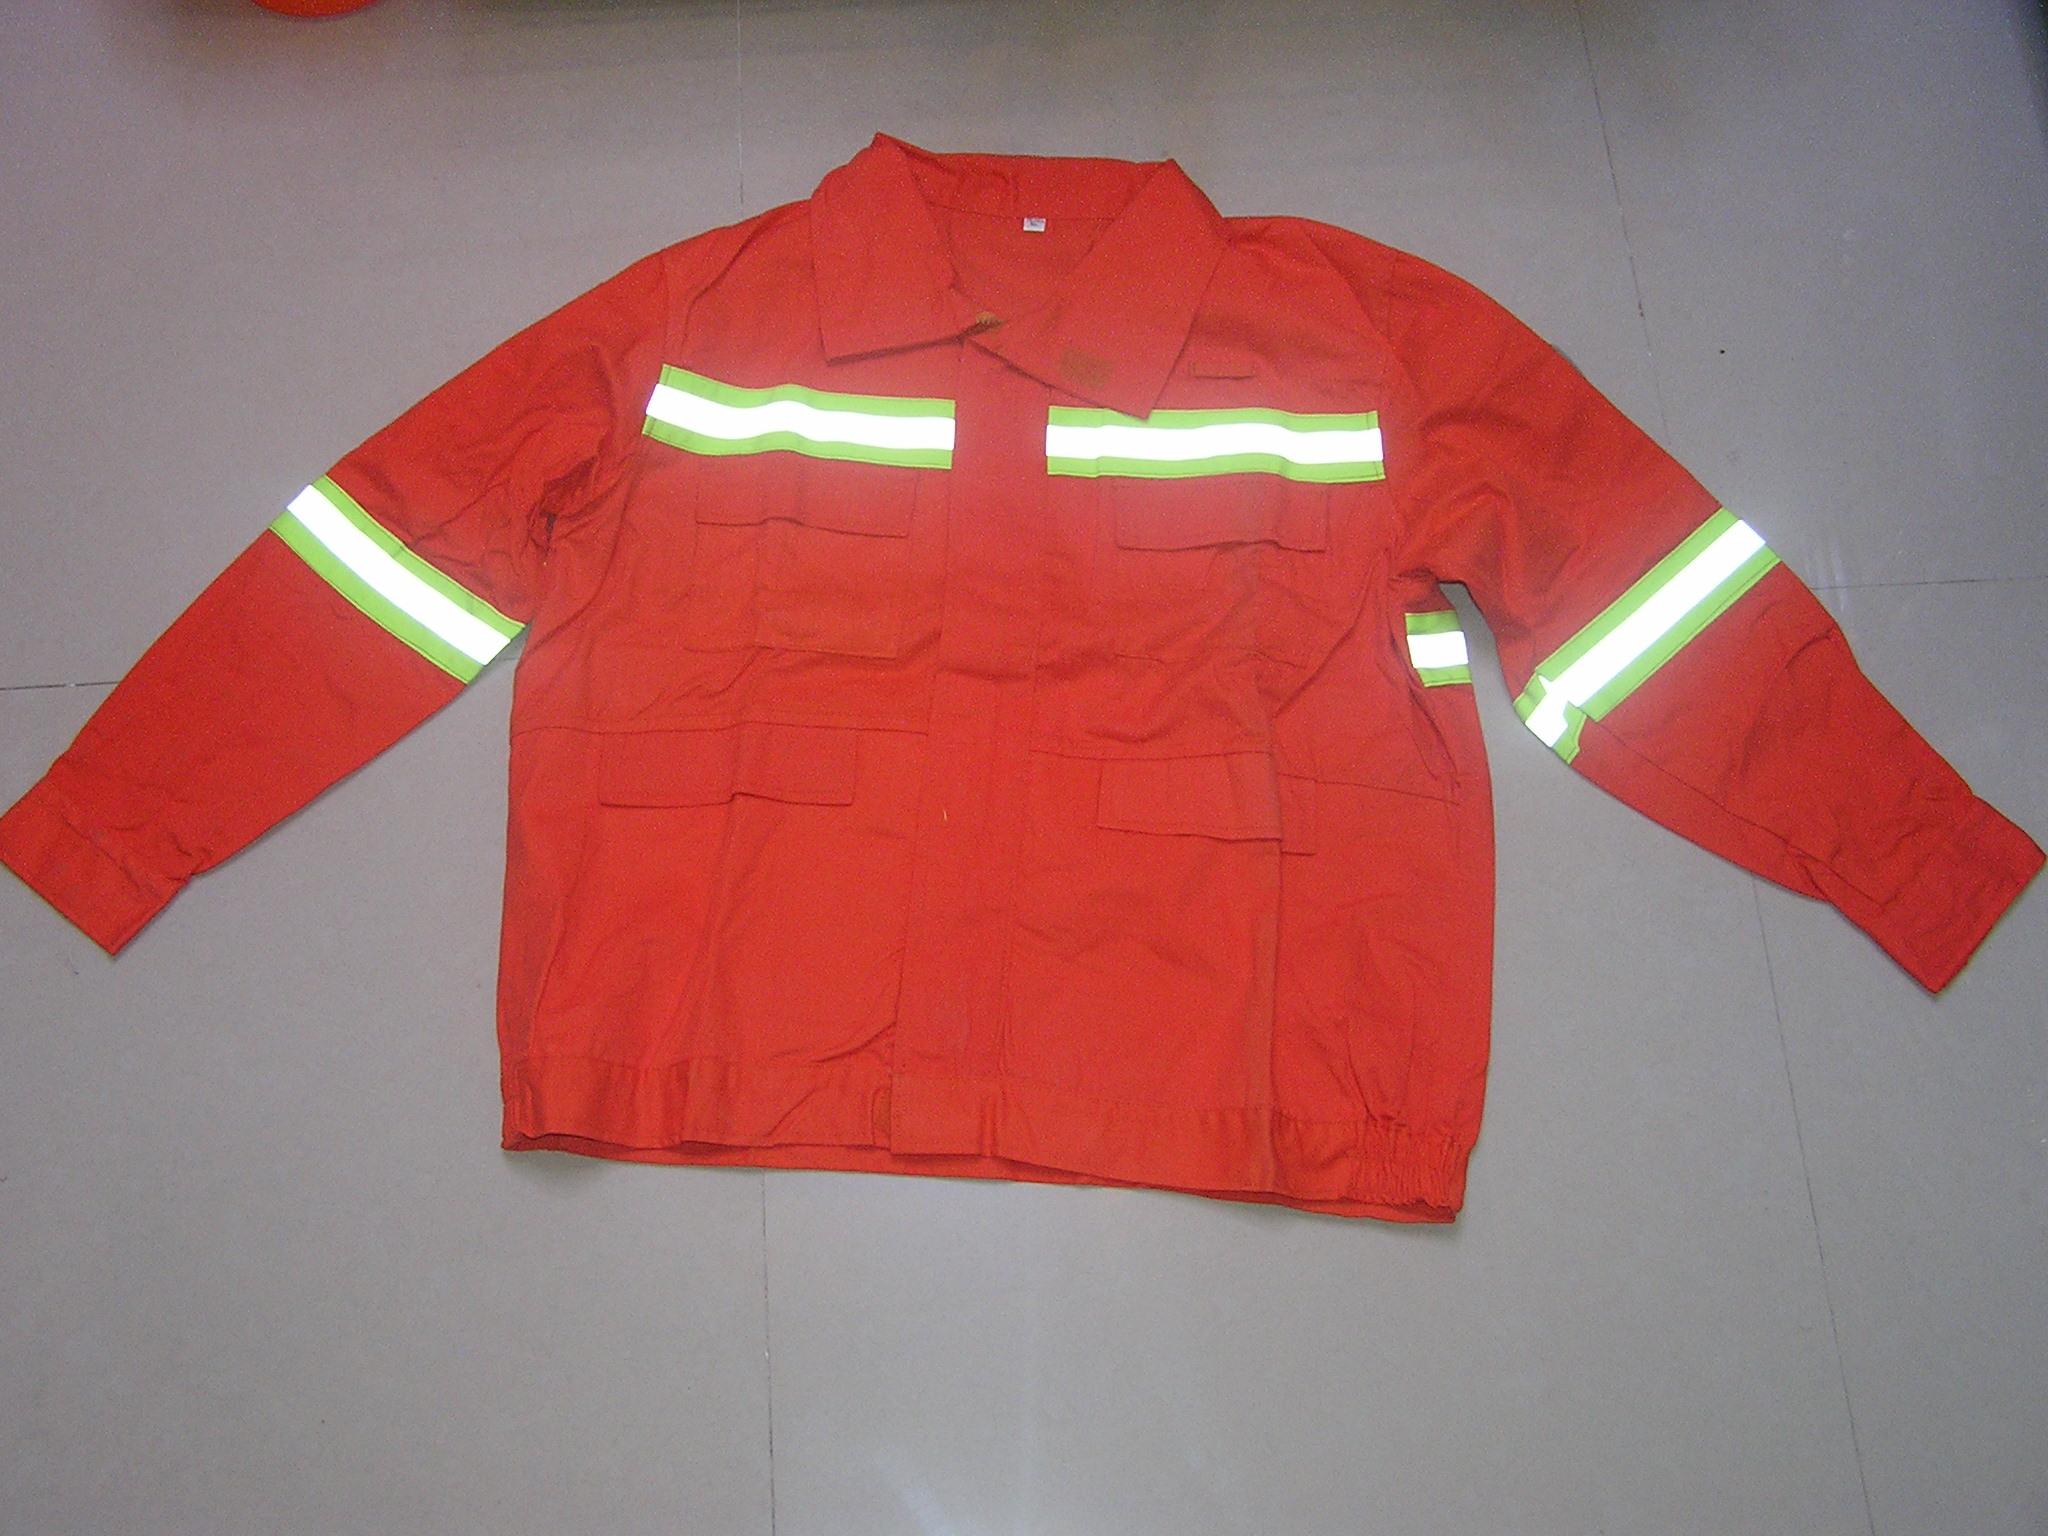 镇江润林阻燃服、扑火防护服、森林防火服、作训服、消防服、阻燃防静电服